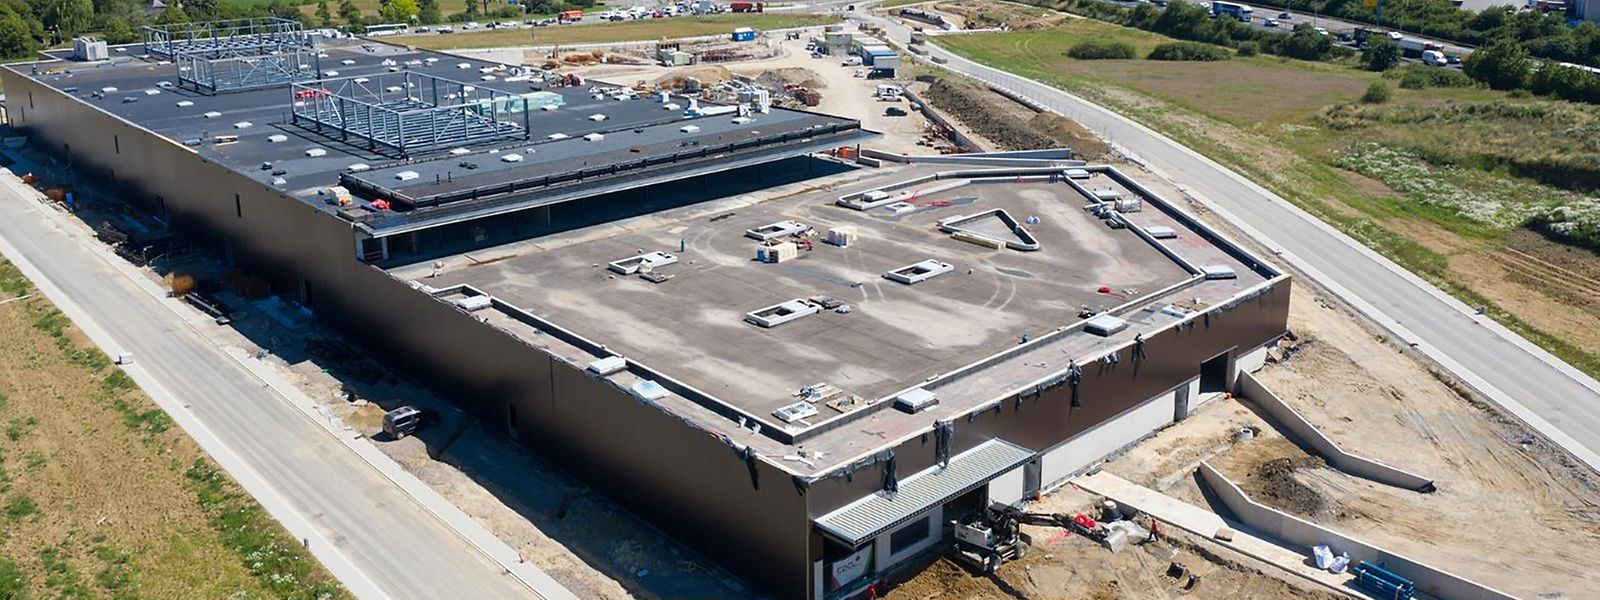 Die braunen Hallen, die derzeit zwischen Schifflingen und Foetz entstehen, werden unter anderem einen größeren Baumarkt beherbergen.